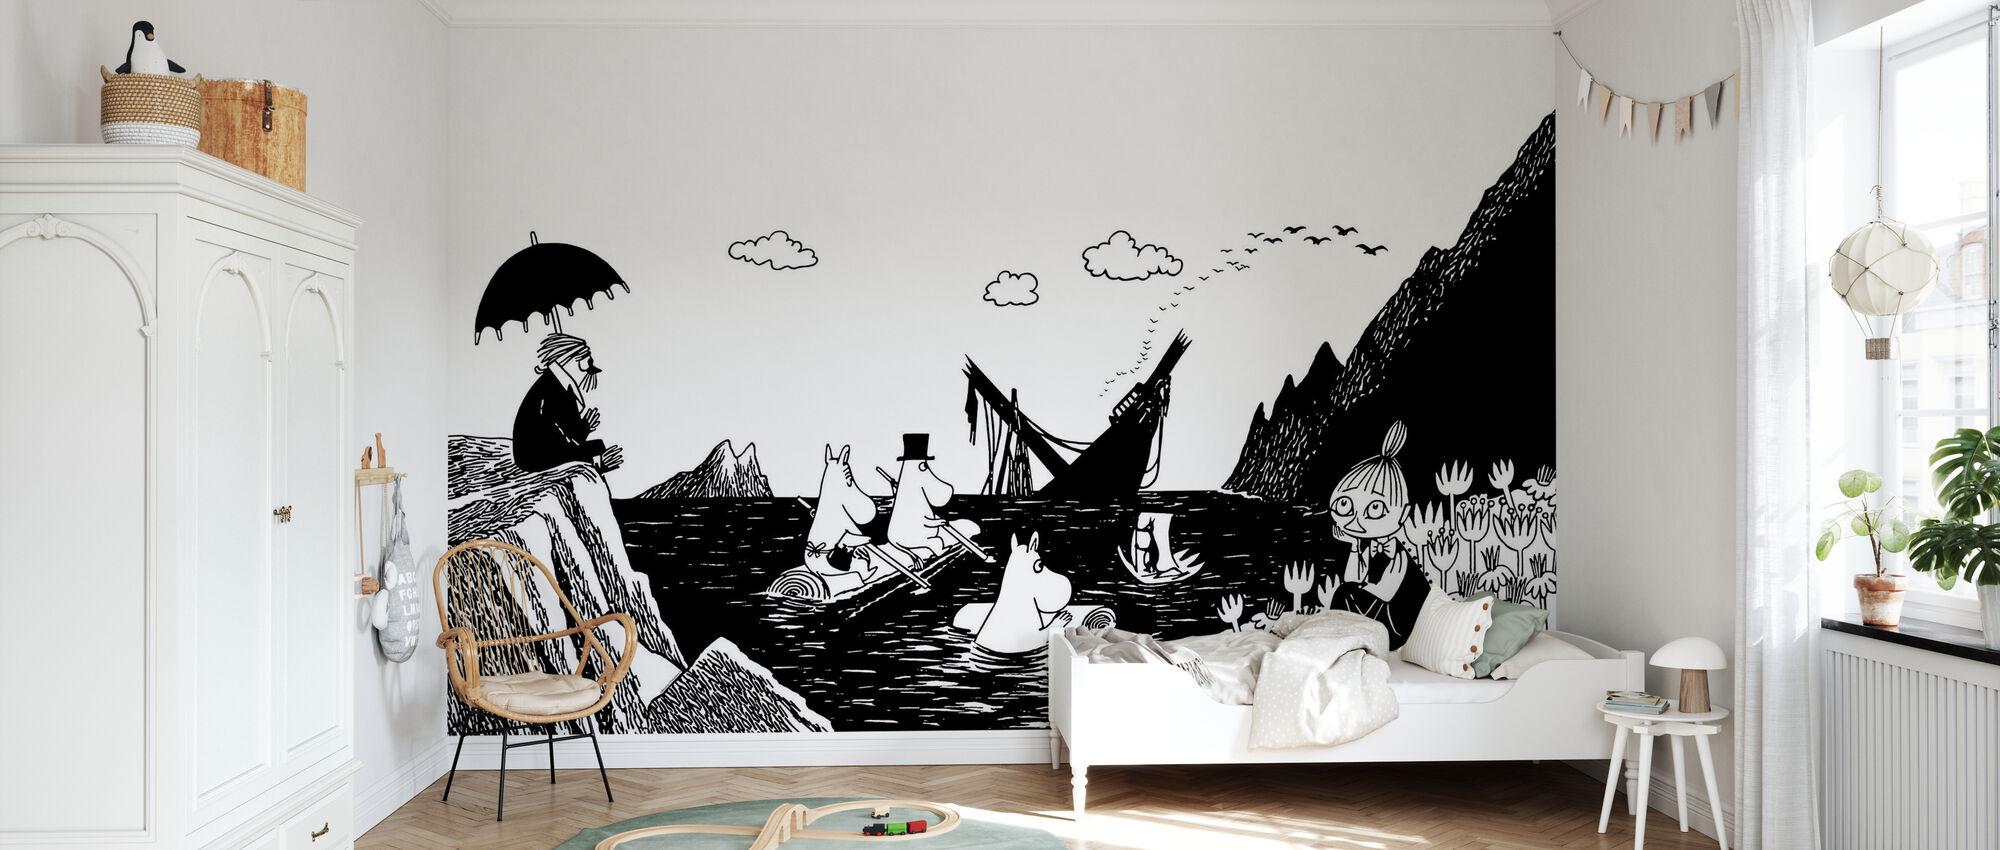 Mumin - Snorkjungfrun i en båt - Tapet - Barnrum